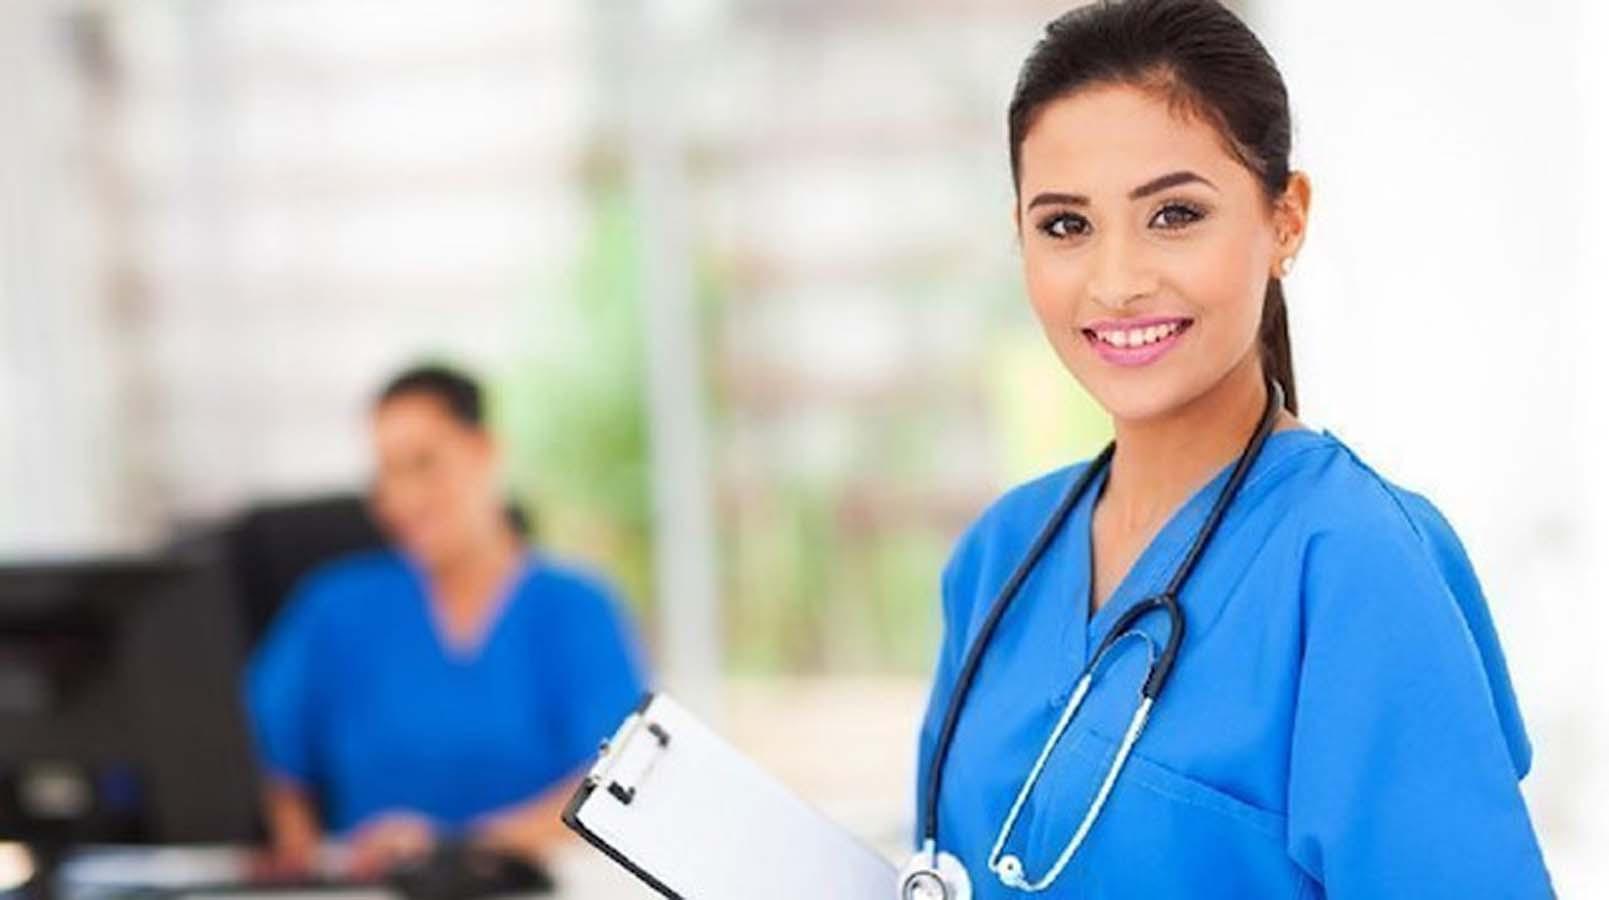 Sağlık Personeli Mesleğinden Mutsuz